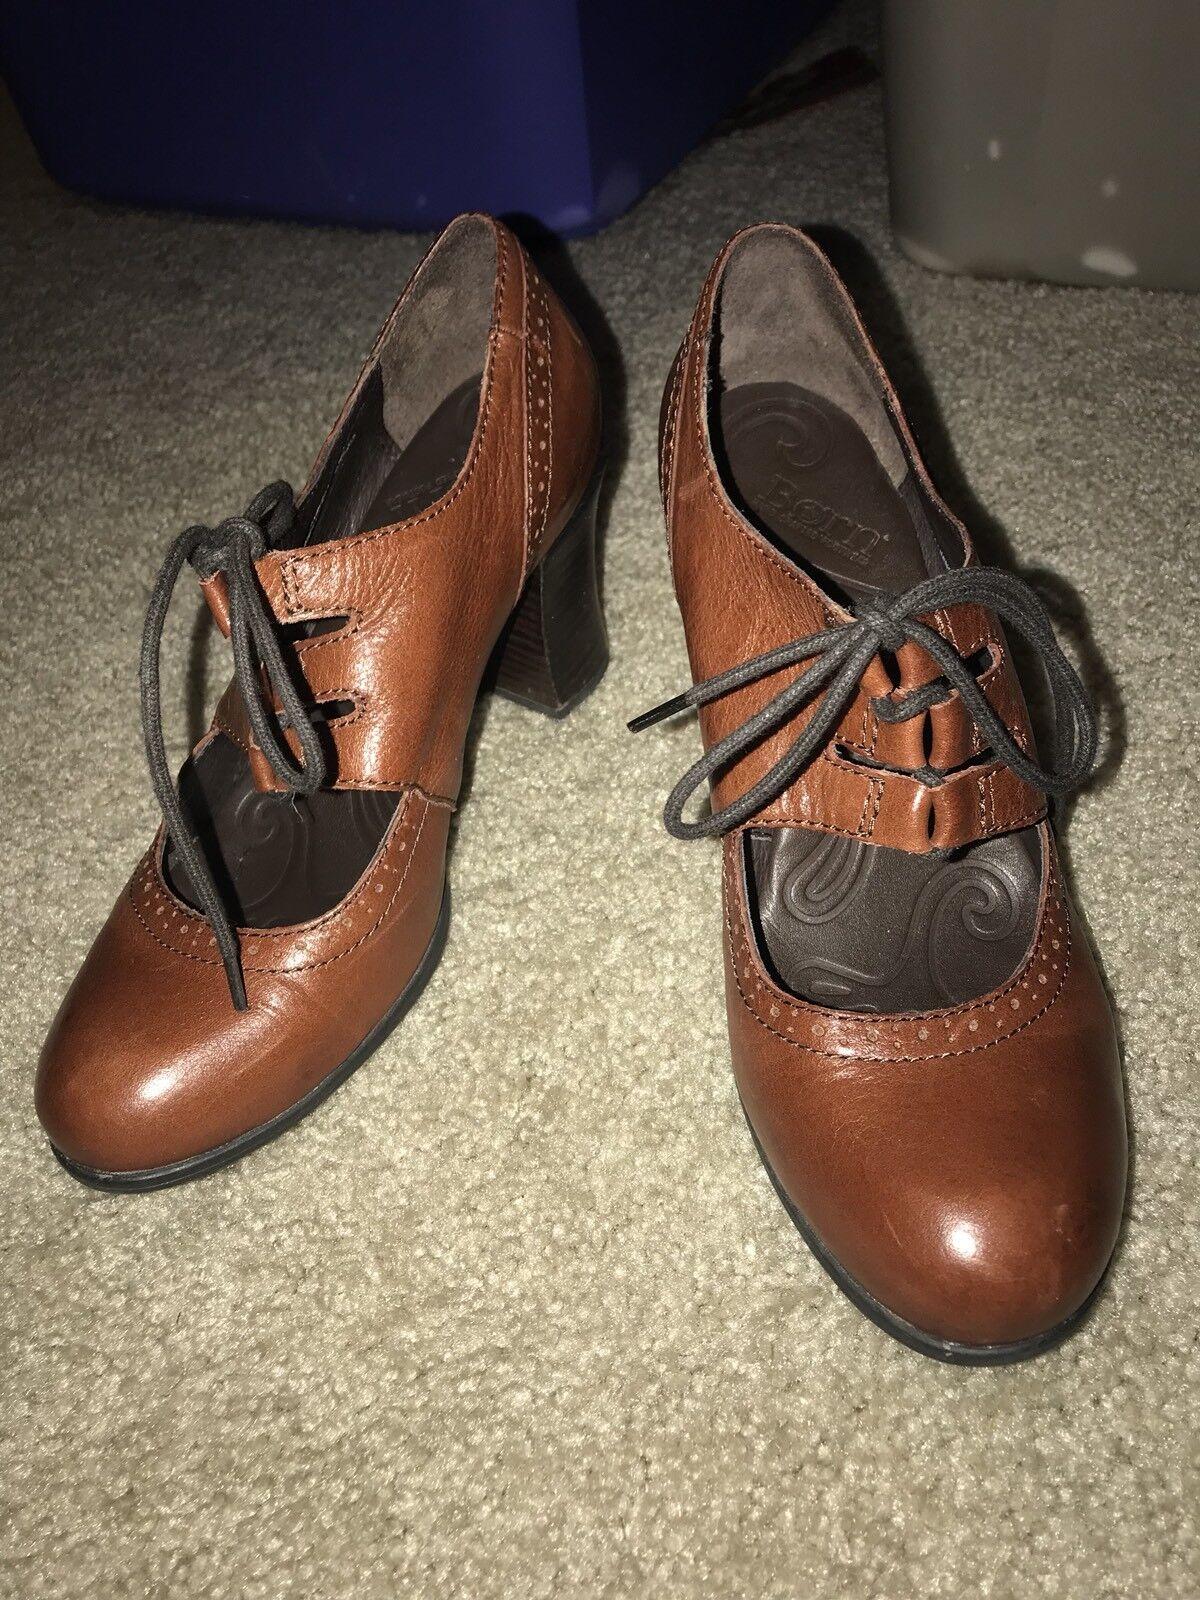 BORN Leder Granny Oxford Lace Up Heels Größe 40.5